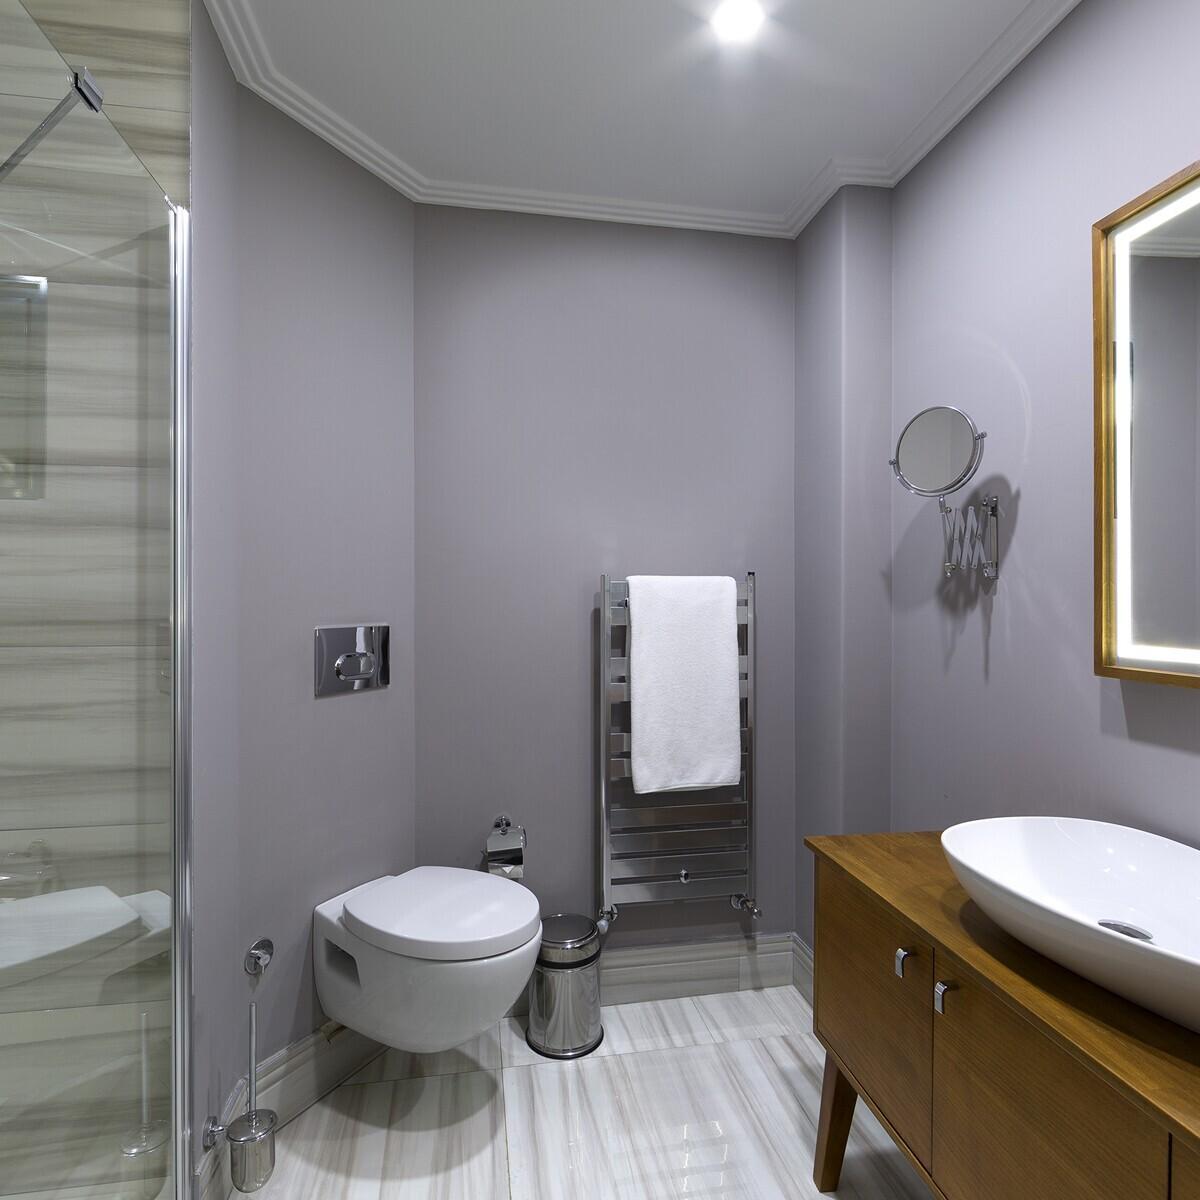 Walton Galata Hotel'den Çift Kişilik Konaklama Seçenekleri